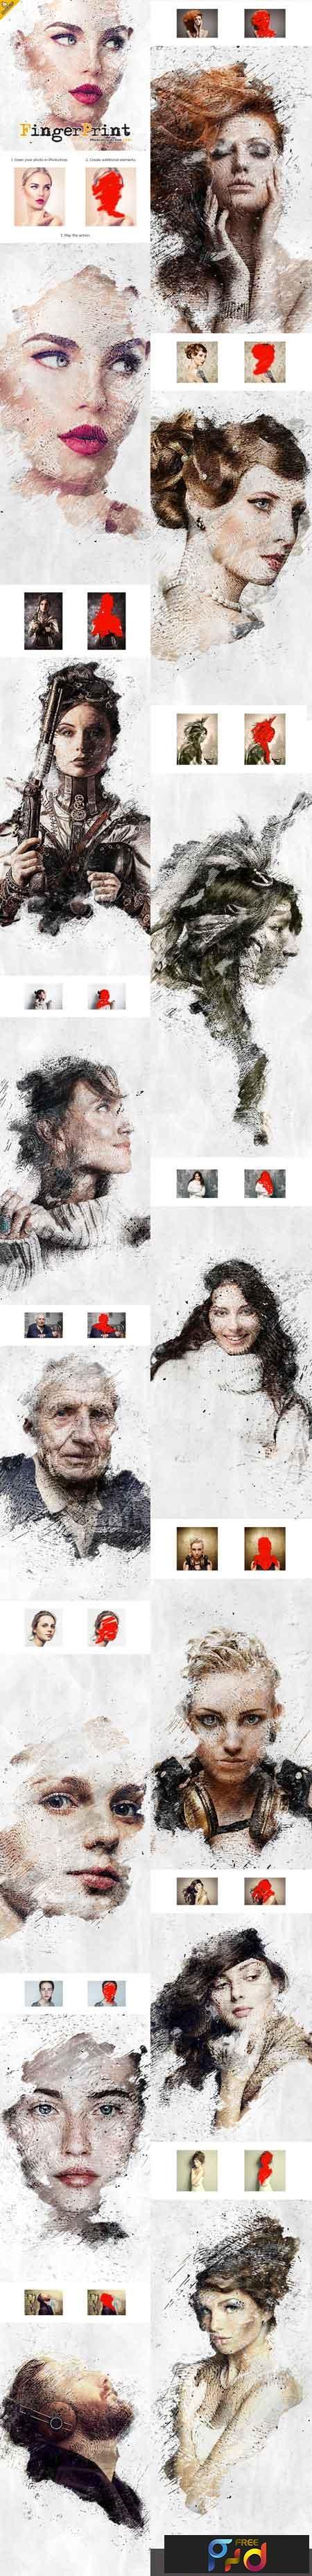 Fingerprint CS4+ Photoshop Action 22647490 1